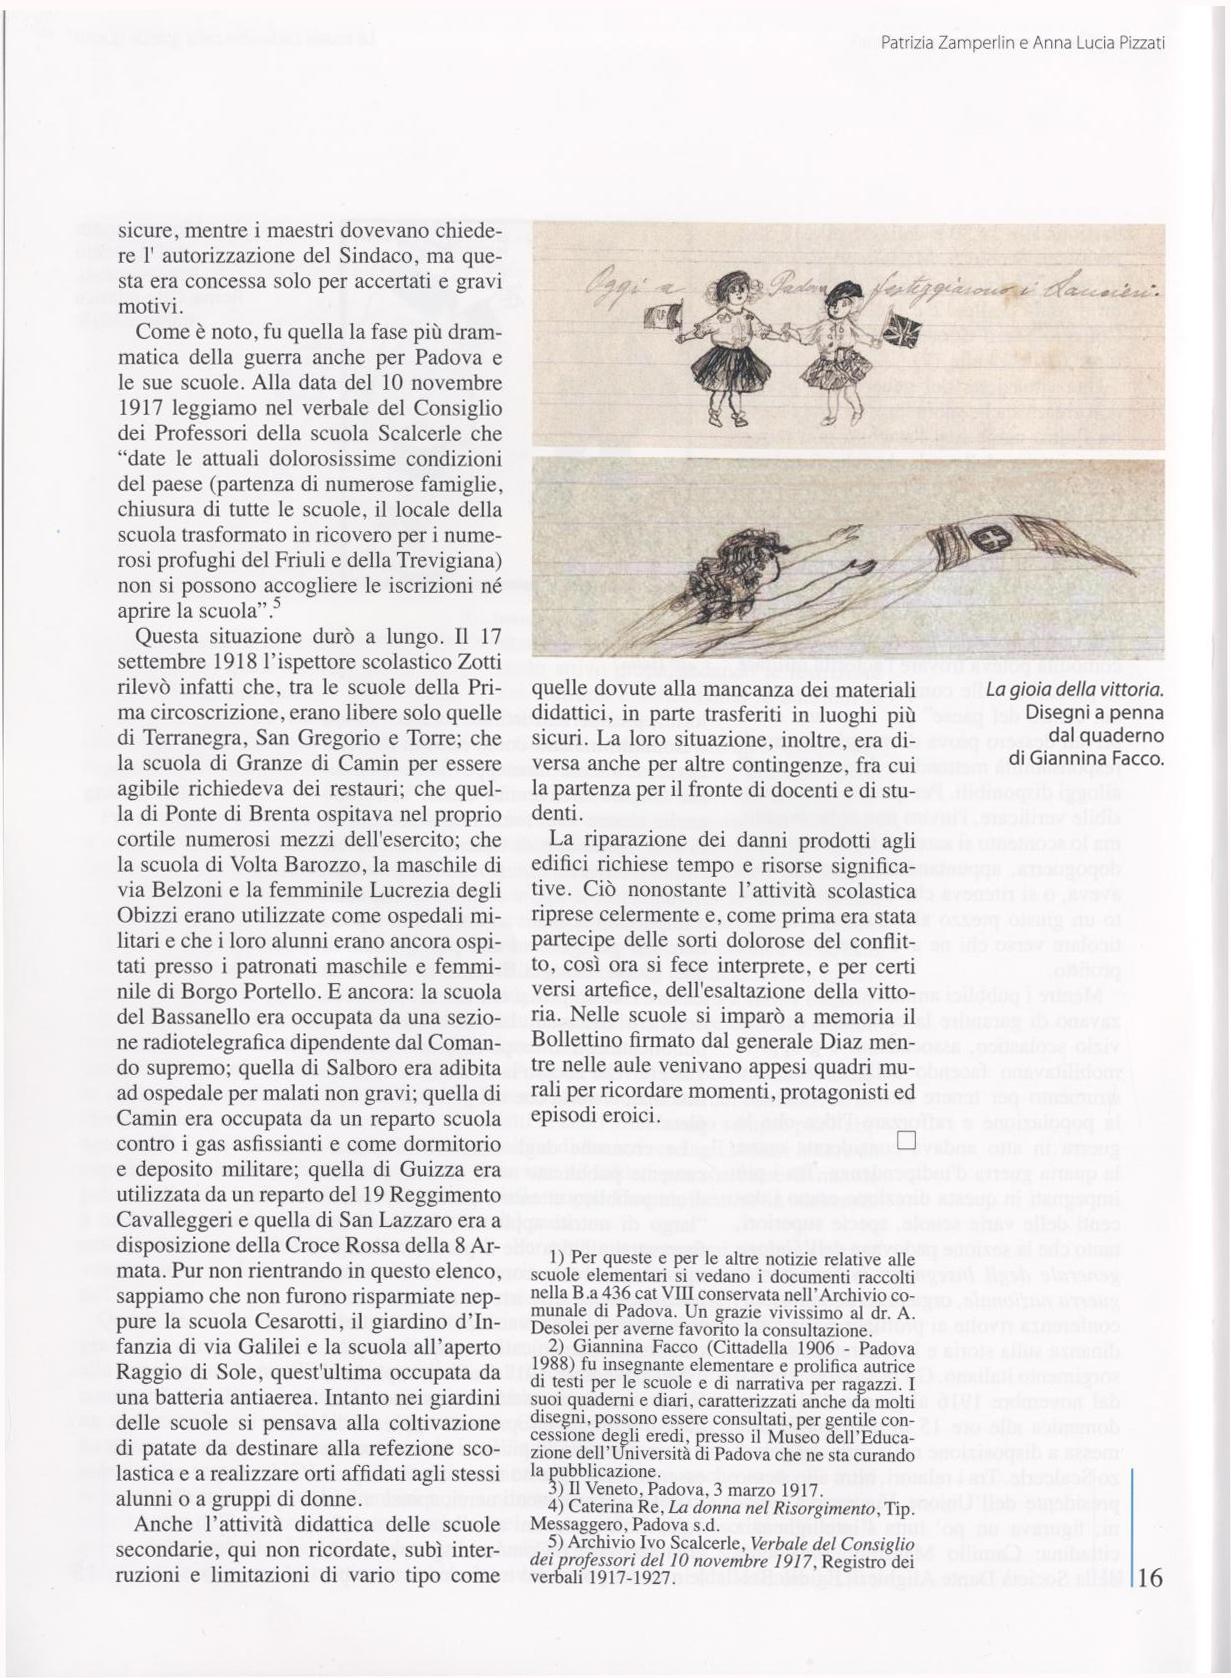 padovaeilsuoterritorio p 16